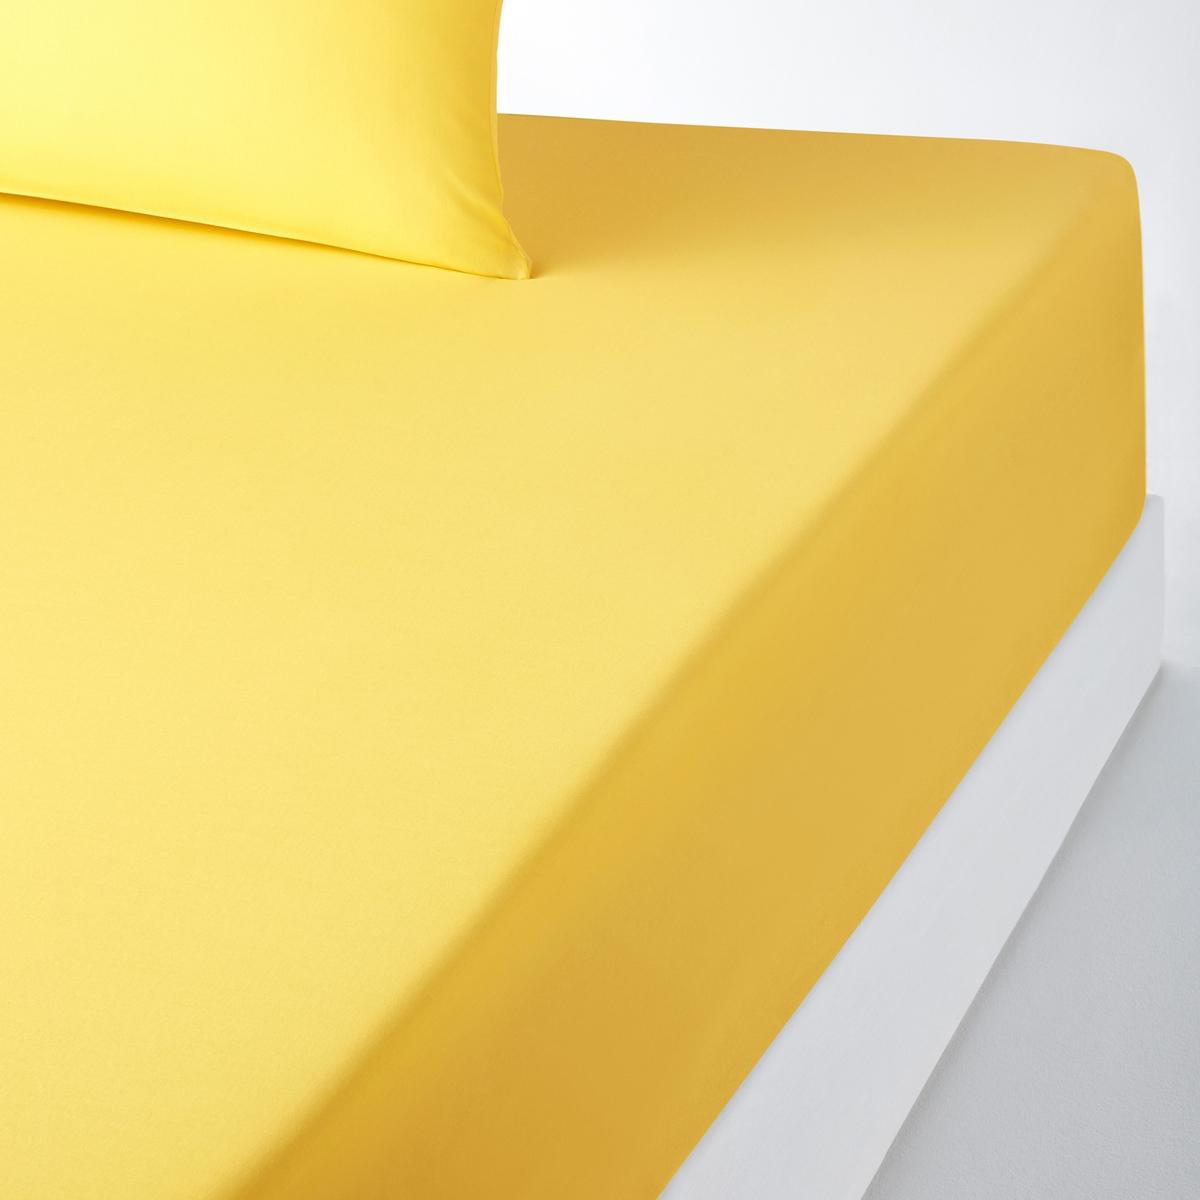 Натяжная простыня, 100% хлопокСтильная гамма цветов позволяет создаваять яркие комплекты SCENARIO.    57 нитей/см? : чем больше нитей/см?, тем выше качество ткани.Характеристики хлопчатобумажной натяжной простыни для толстого матраса:- Натяжная простыня из 100% хлопка плотного плетения (57 нитей/см? : чем больше количество нитей/см?, тем выше качество ткани), очень мягкая и удобная. - Специально разработана для толстых матрасов до 30 см (клапан 32 см).- Прекрасно сохраняет цвет после стирок (60°).Знак Oeko-Tex® гарантирует, что товары протестированы, сертифицированы и не содержат вредных для здоровья веществ. Натяжная простыня  :90 x 190 см : 1-спальный.140 x 190 см : 2-спальный.140 x 200 см : 2-спальный.160 x 200 см : 2-спальный.2 p : 2-спальный.Найдите другие предметы постельного белья SC?NARIO на нашем сайте<br><br>Цвет: желтый лимонный